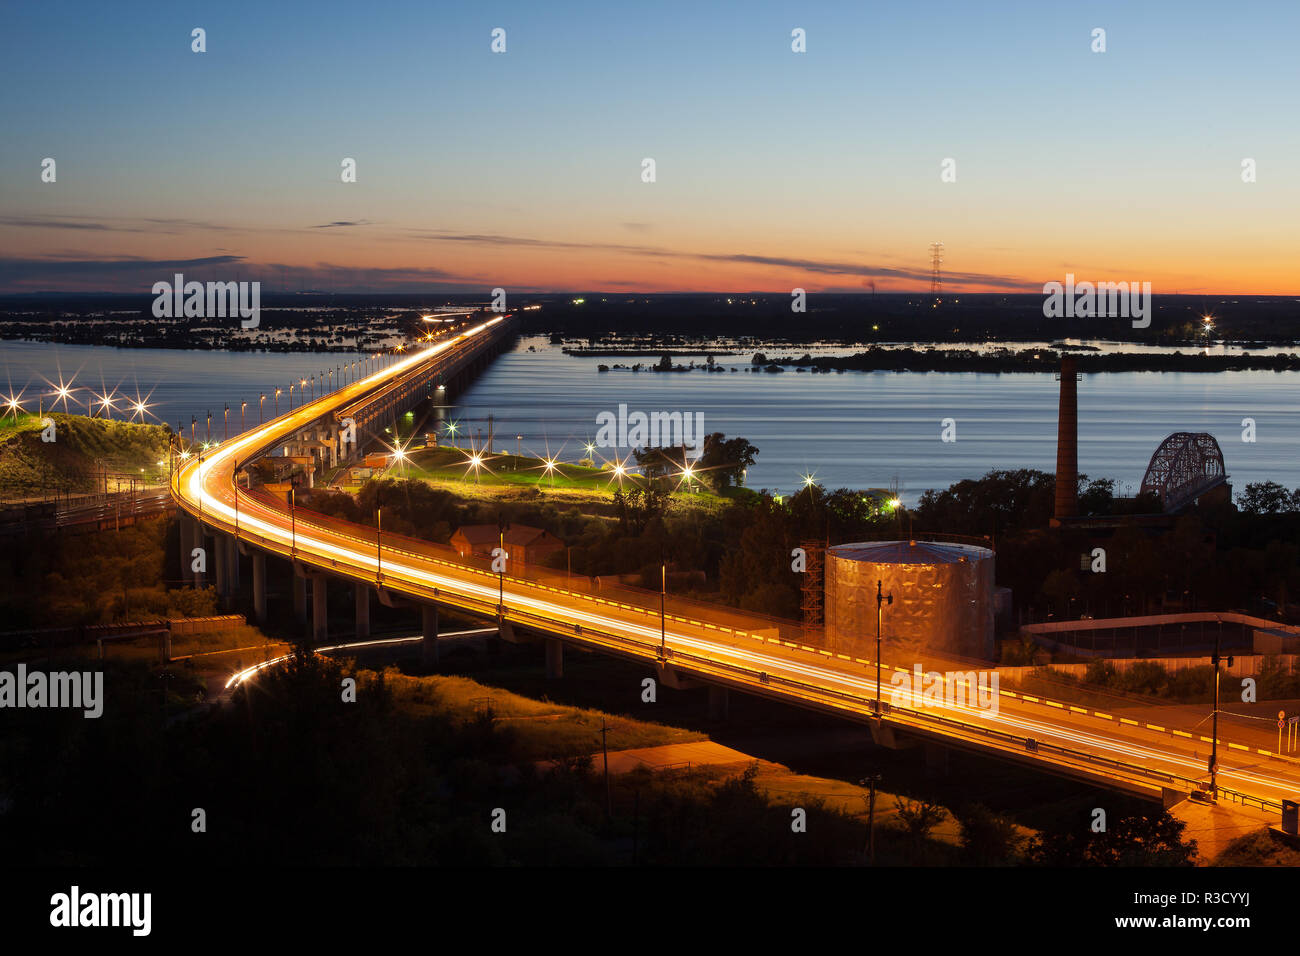 Bridge over the river in Khabarovsk - Stock Image